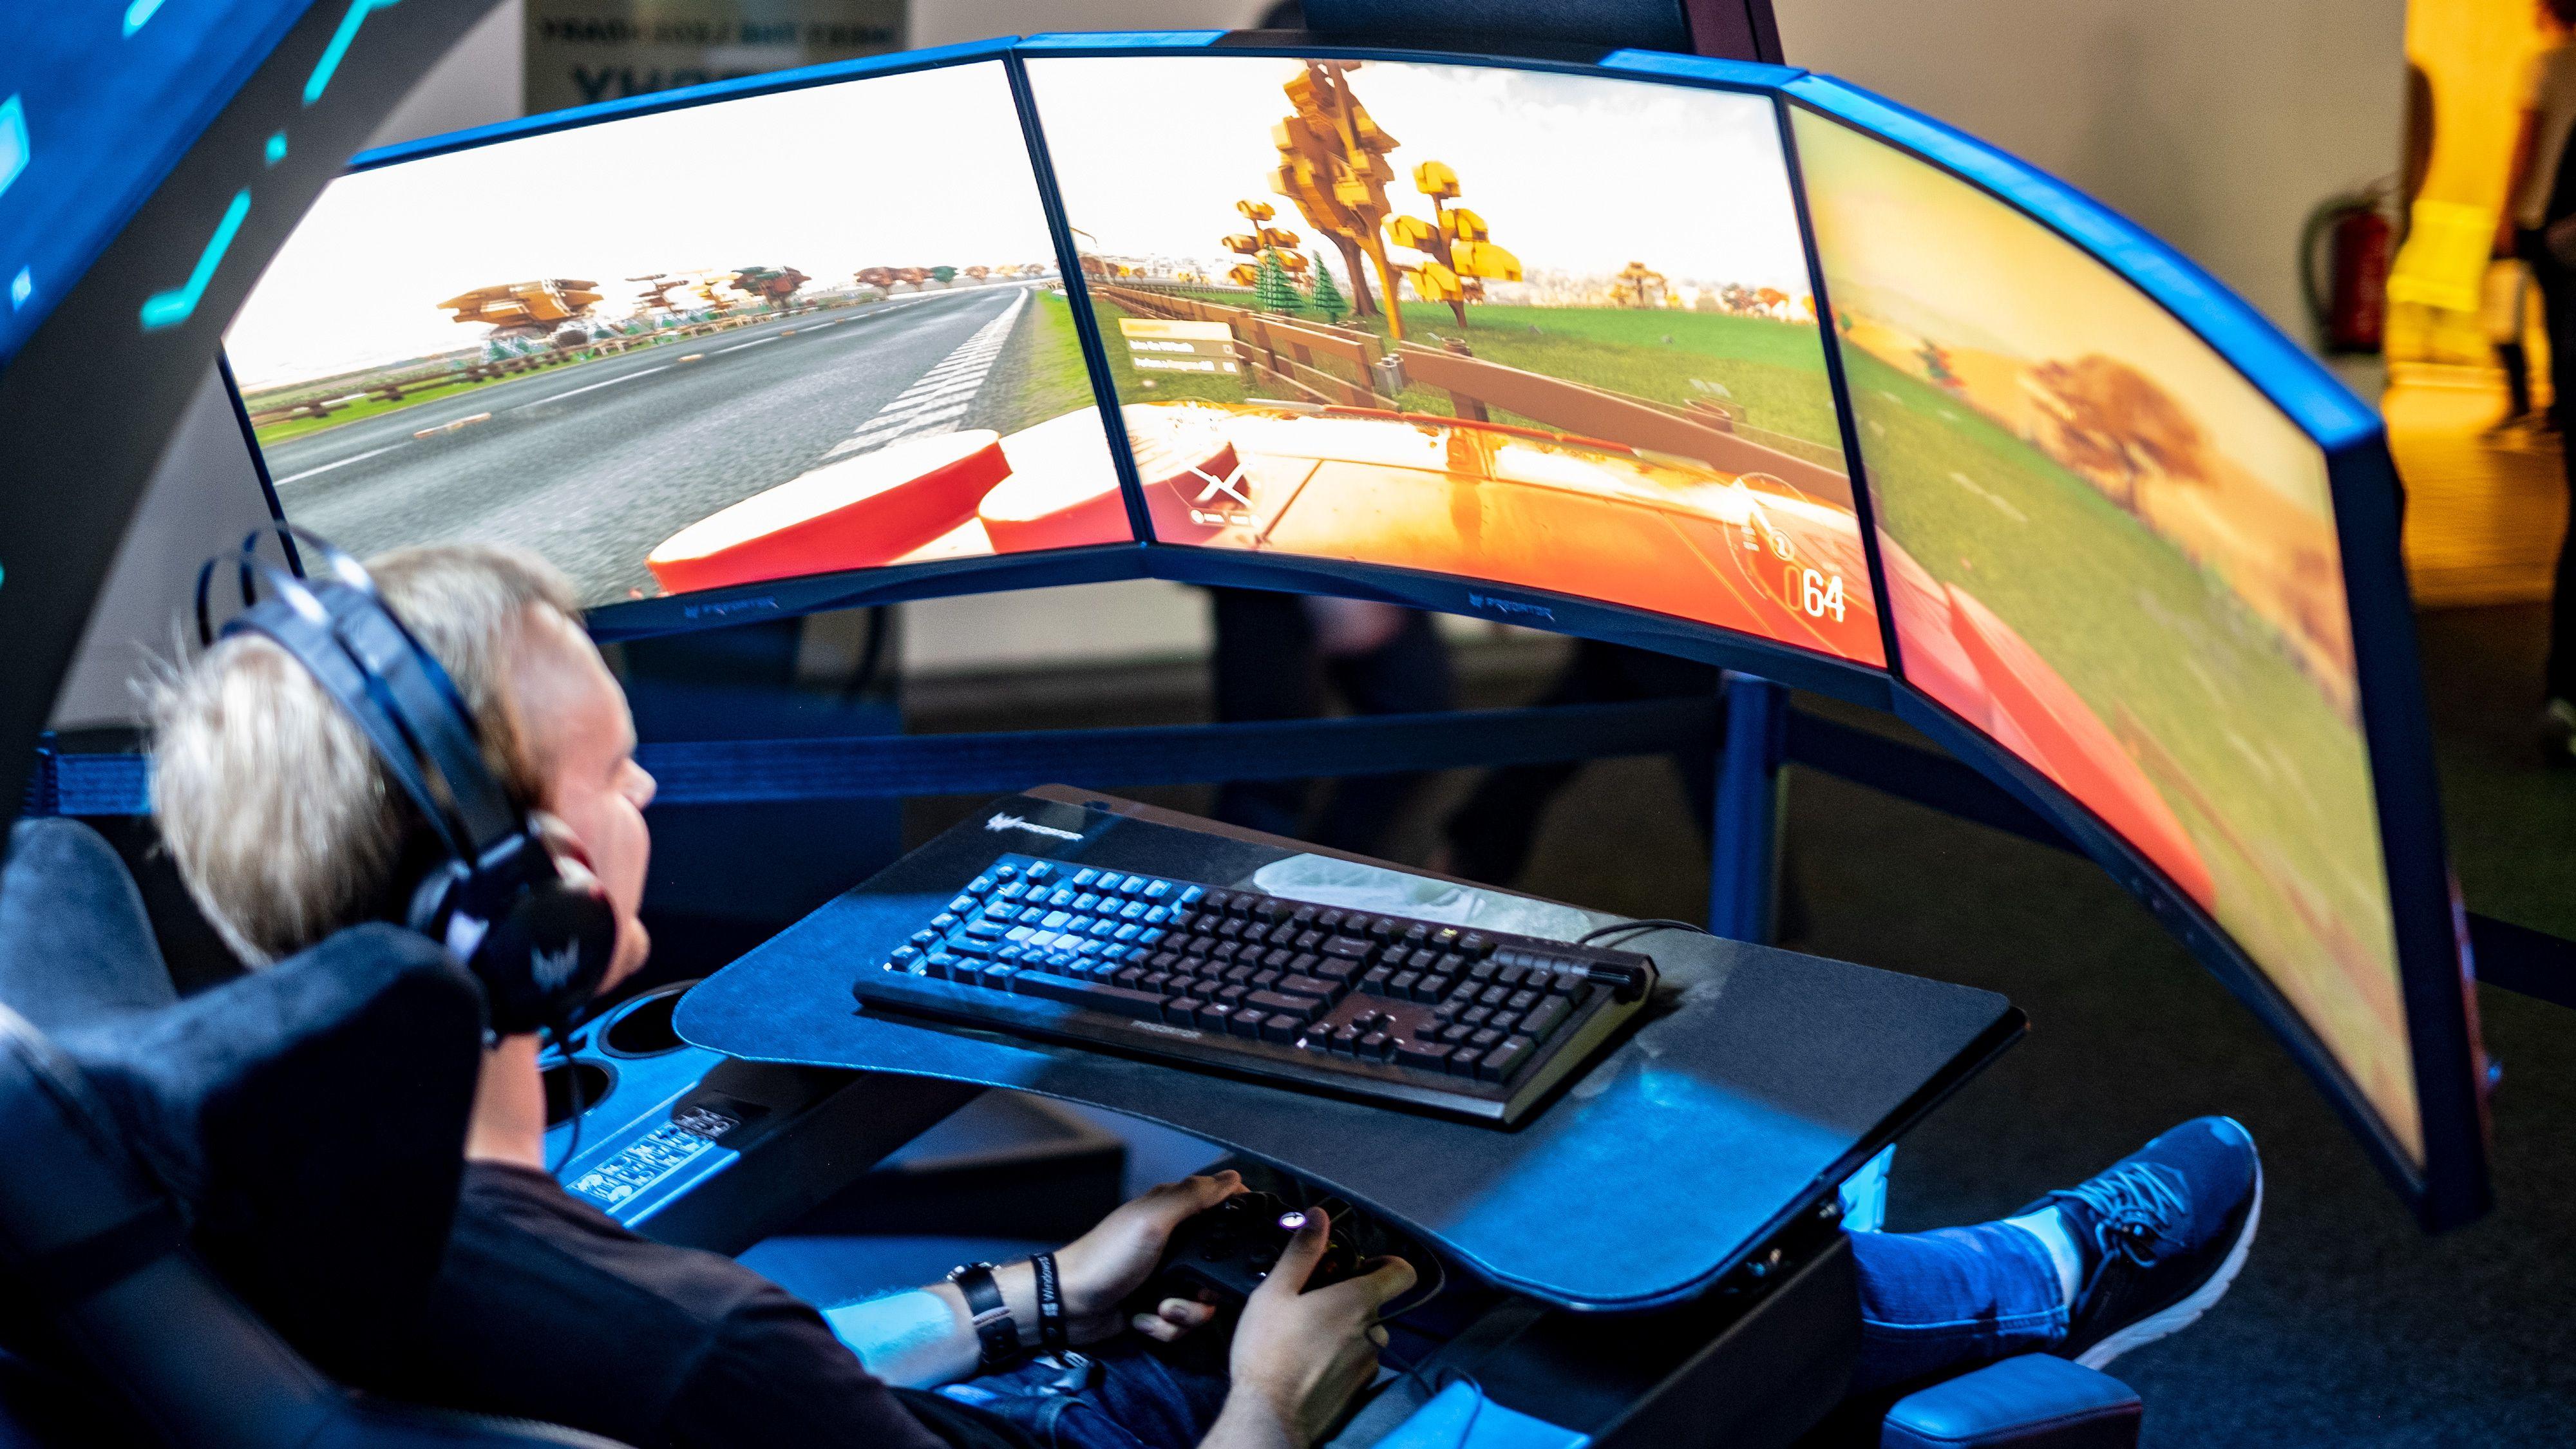 Selv om det er trygt å krasje i spill er hjernen litt mer skeptisk enn vanlig. Vil dette gjøre vondt, spør den på vei til gjerdet.